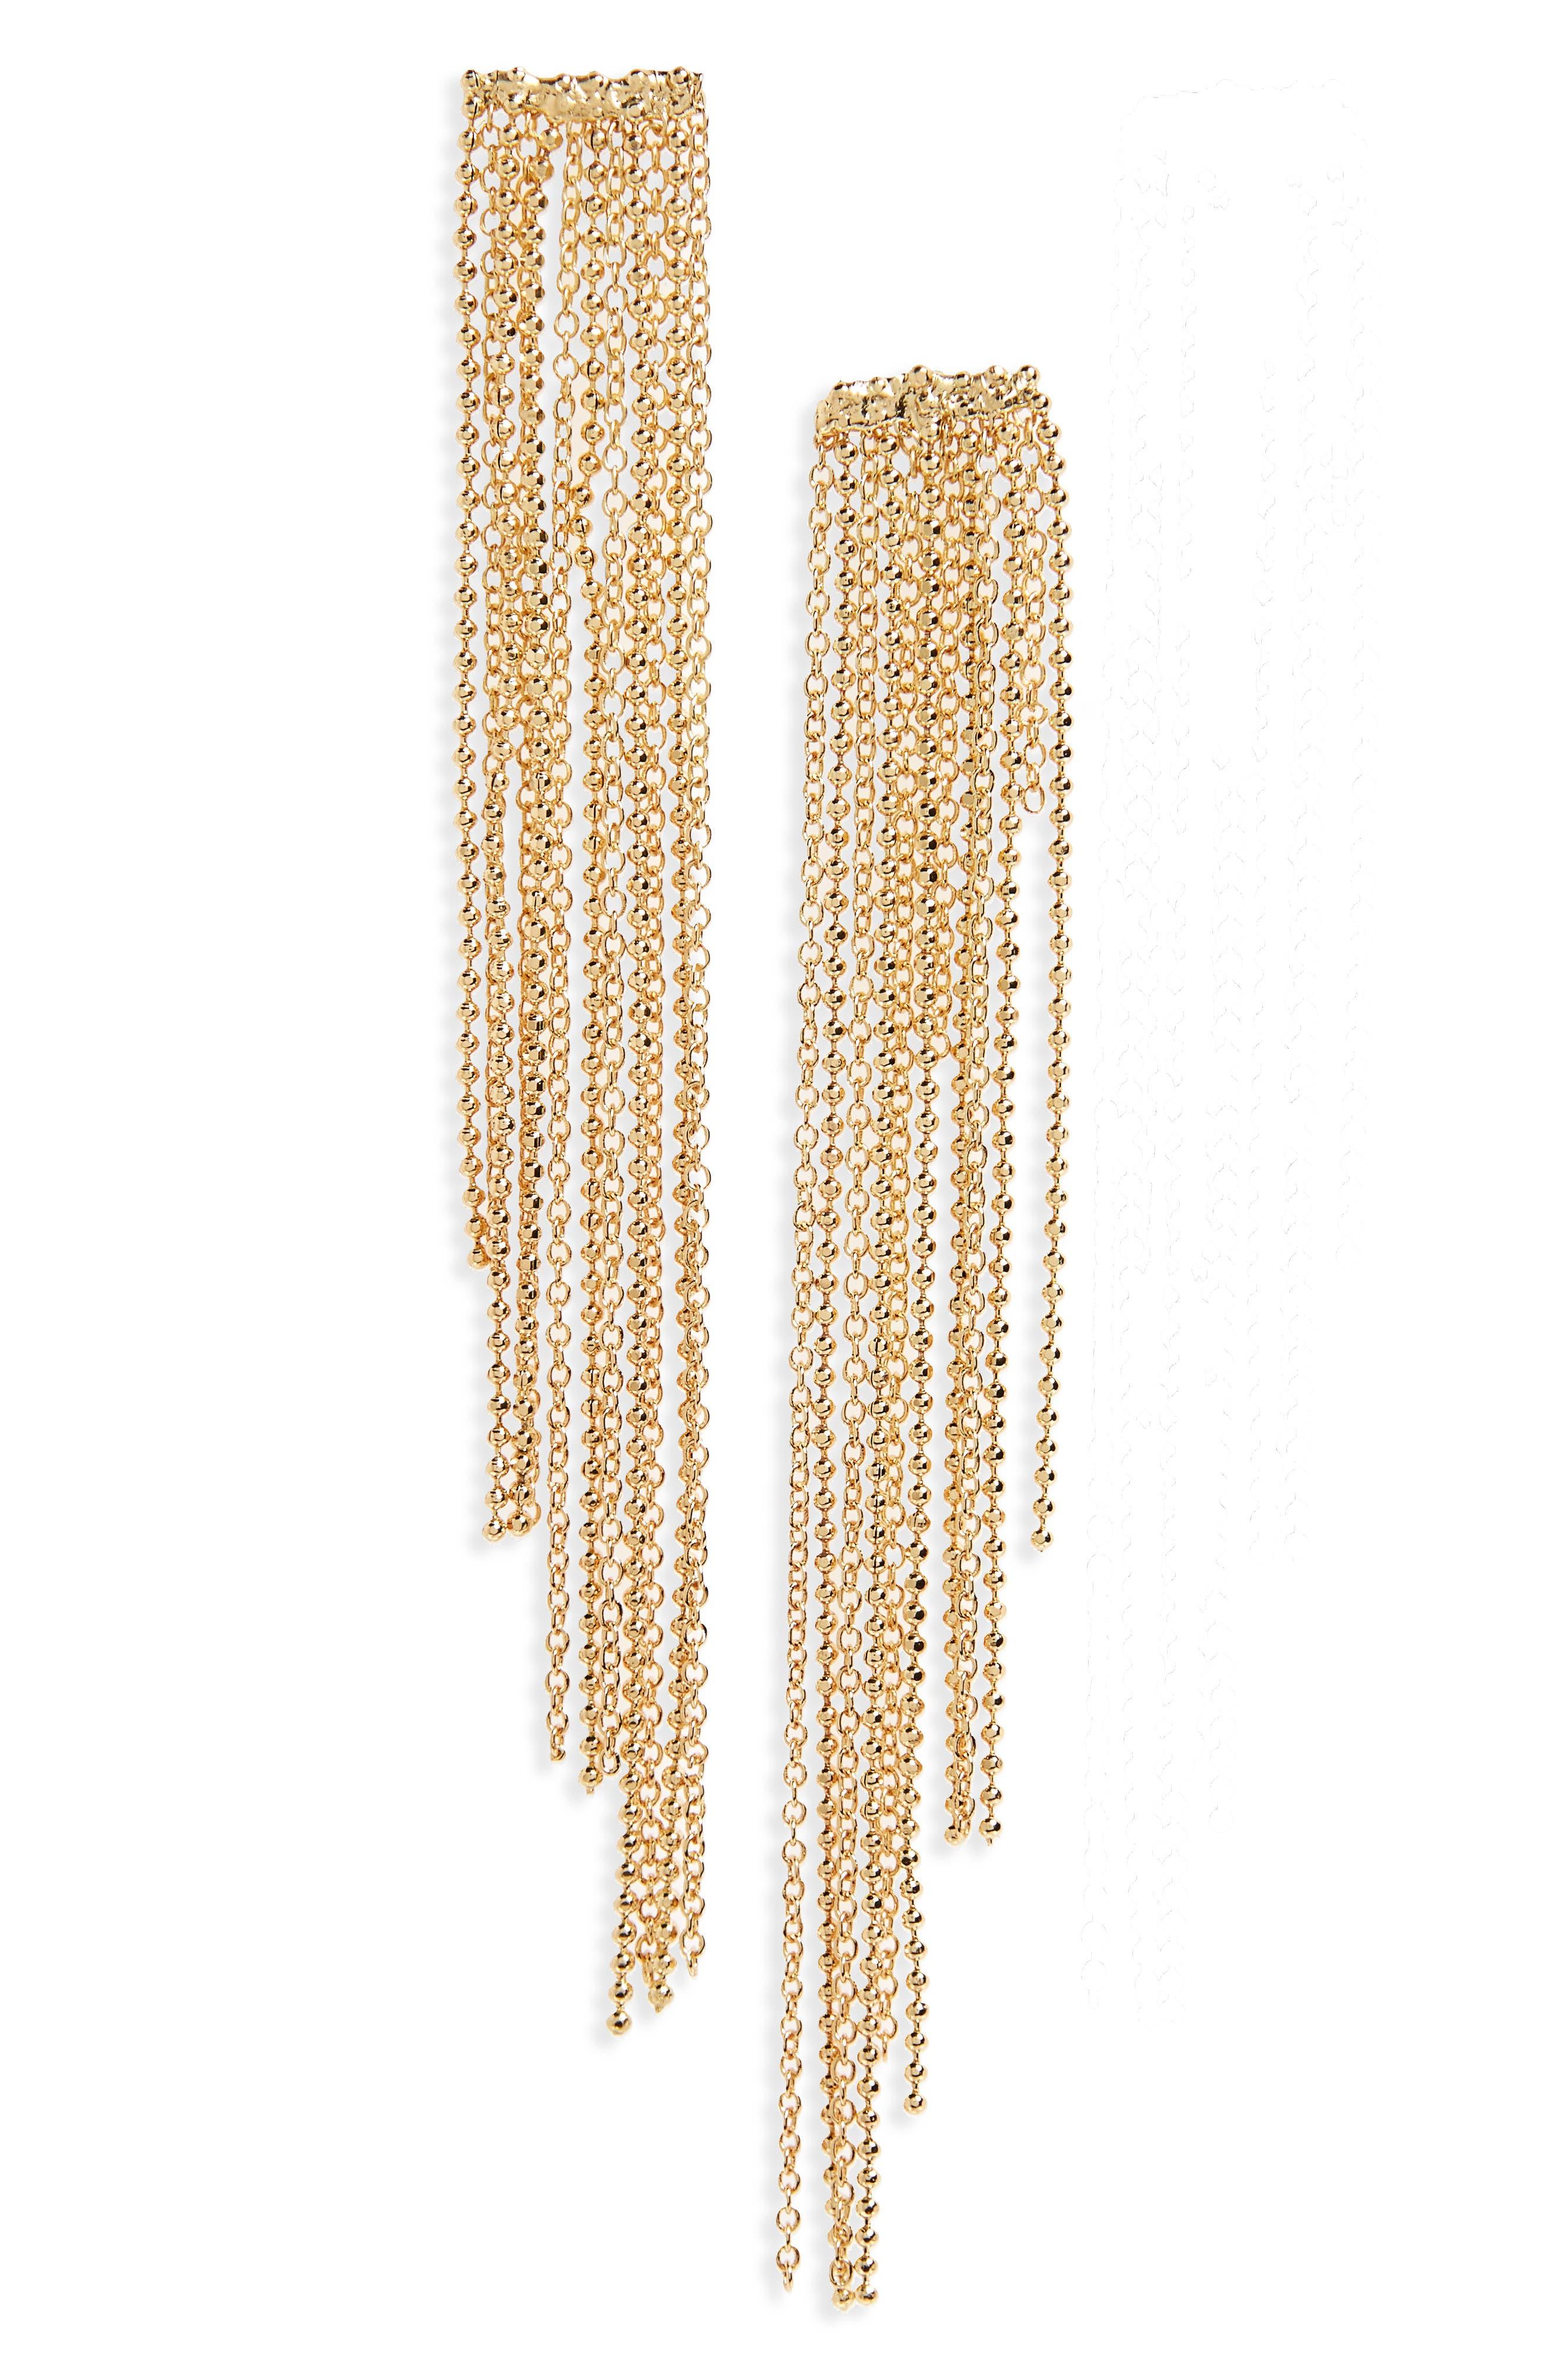 PANACEA, Chain Fringe Earrings, Main thumbnail 1, color, 710